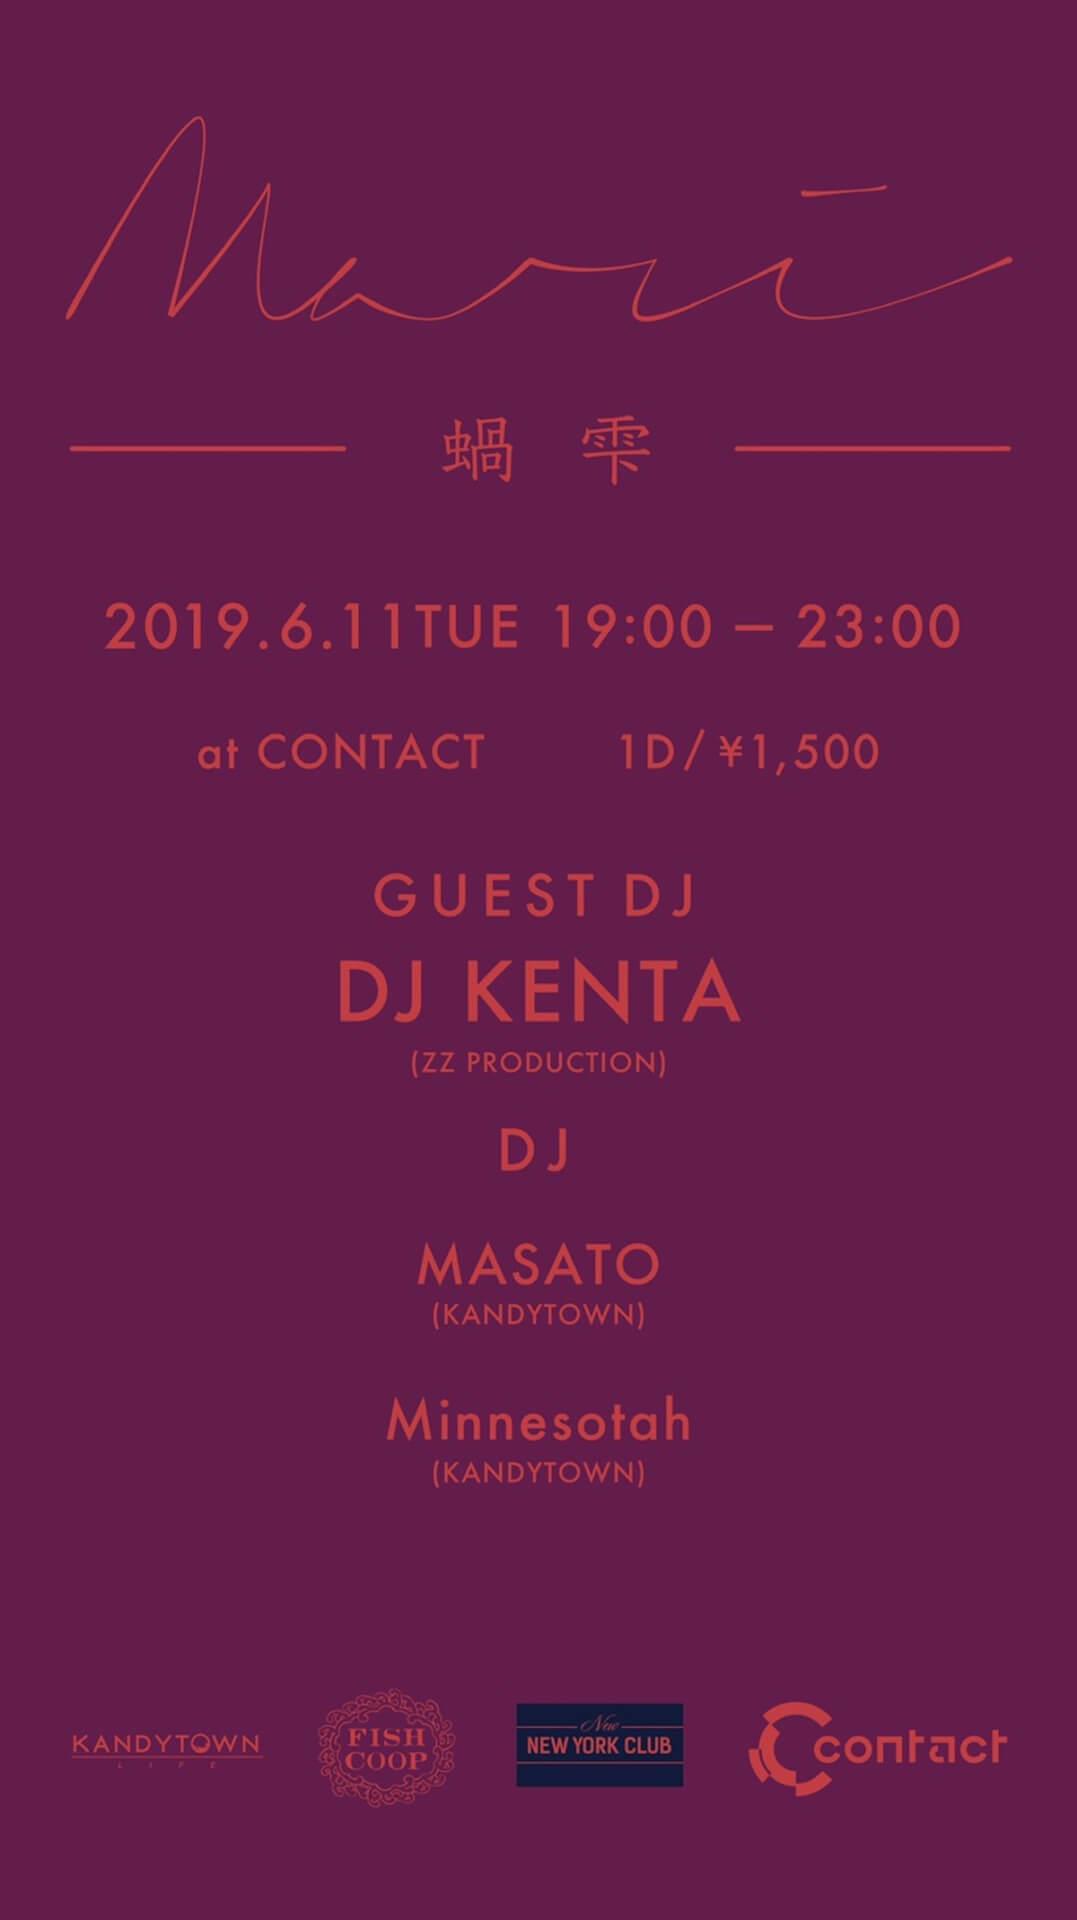 KANDYTOWNクルーによる毎月第2火曜のニューパーティ開催|DJ KENTAがゲスト出演 music190607mari_1